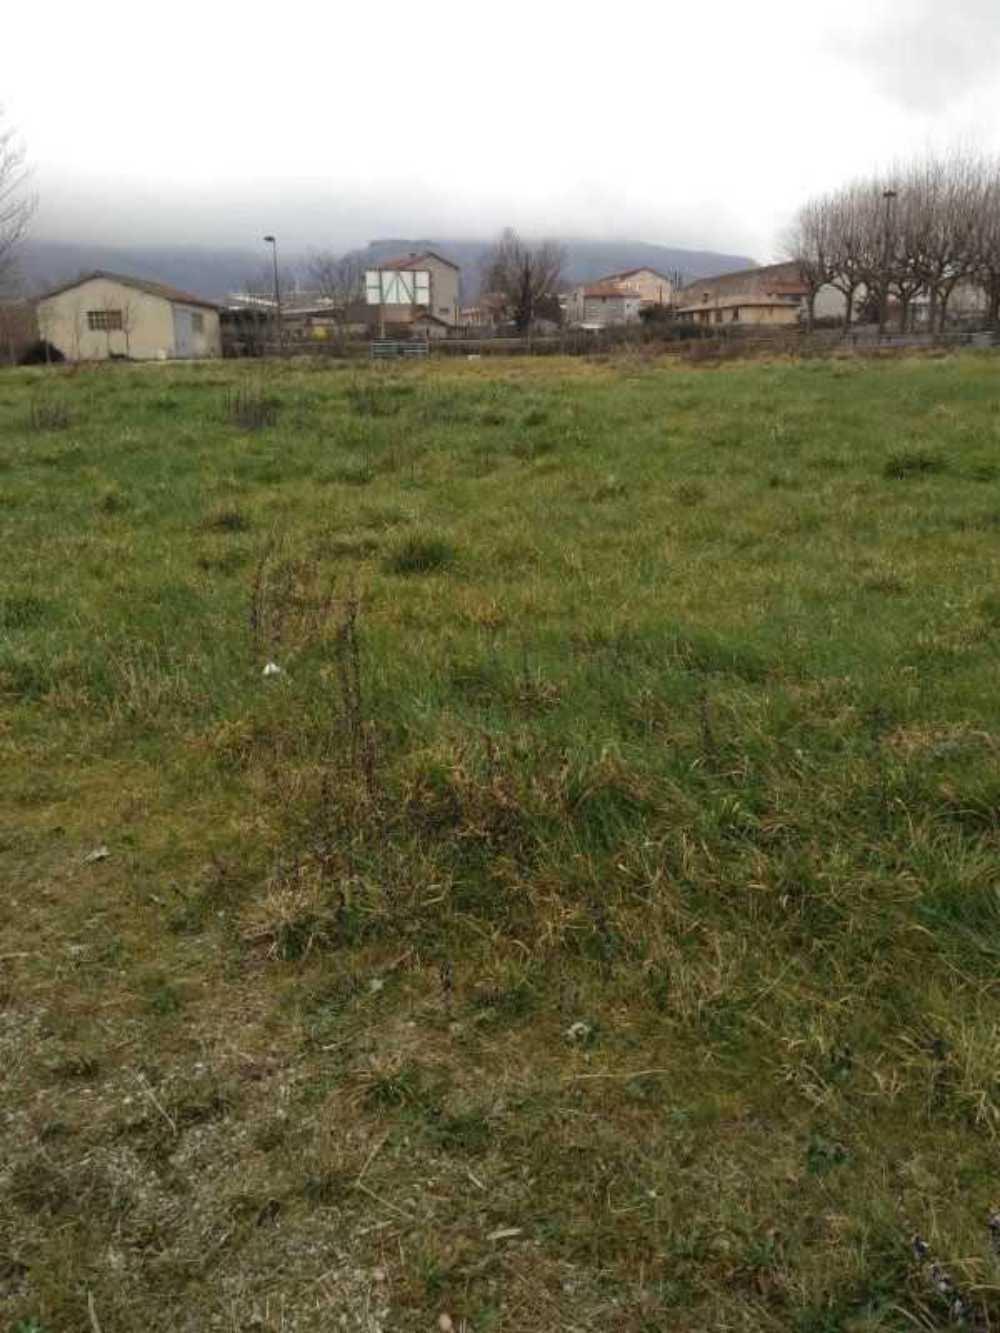 Aussillon Tarn Grundstück Bild 3799188